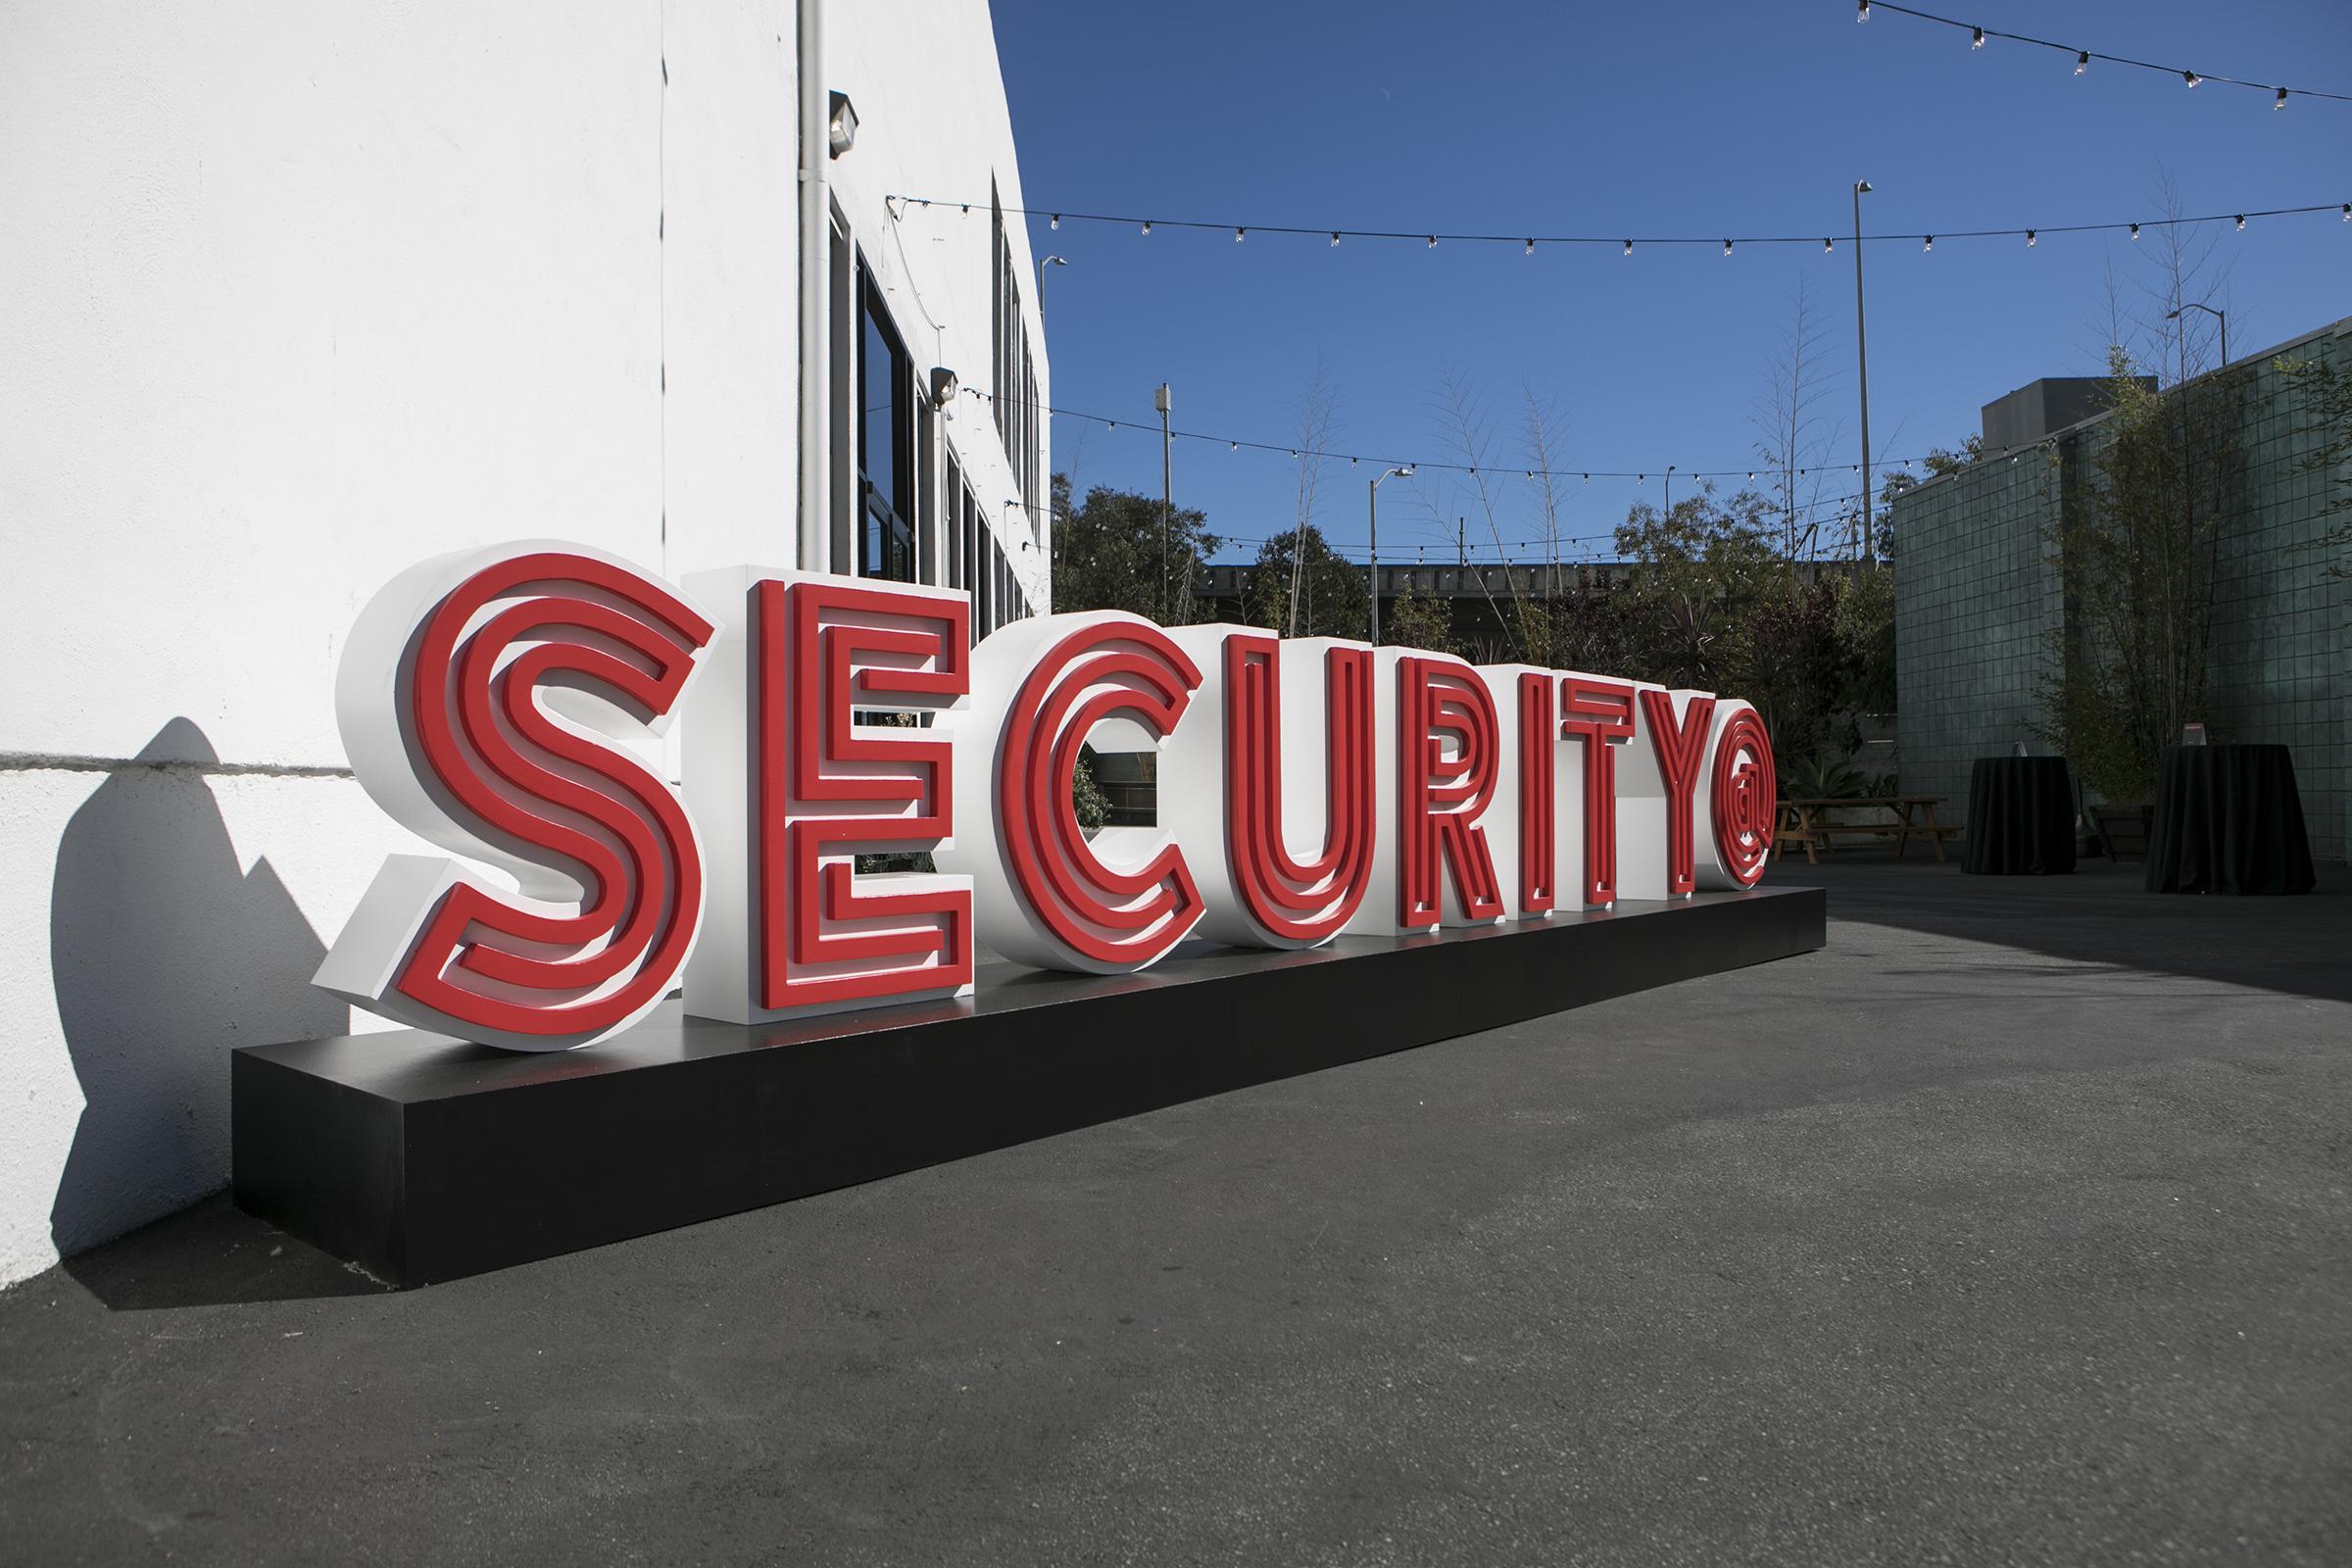 Security_KelseyFloyd_Print_047.jpg